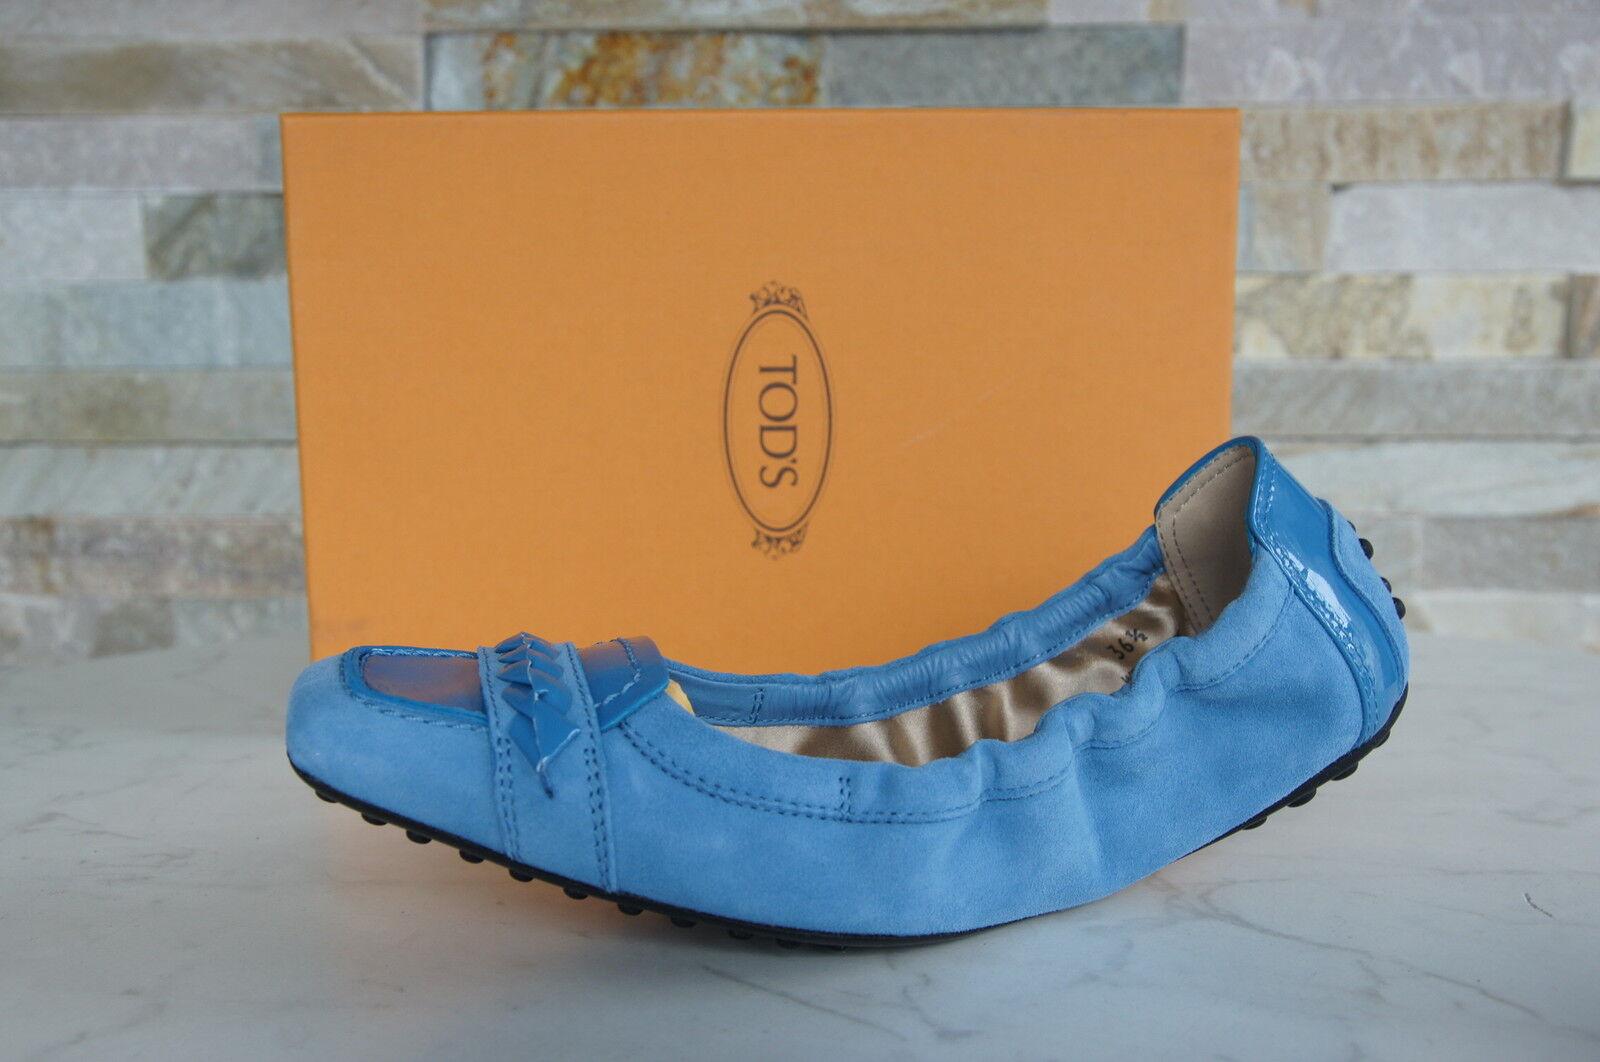 Tods Tods Tods Muerte´S Gr 36,5 Bailarinas Deslizador Zapatos Azul Nuevo Antiguo  con 60% de descuento